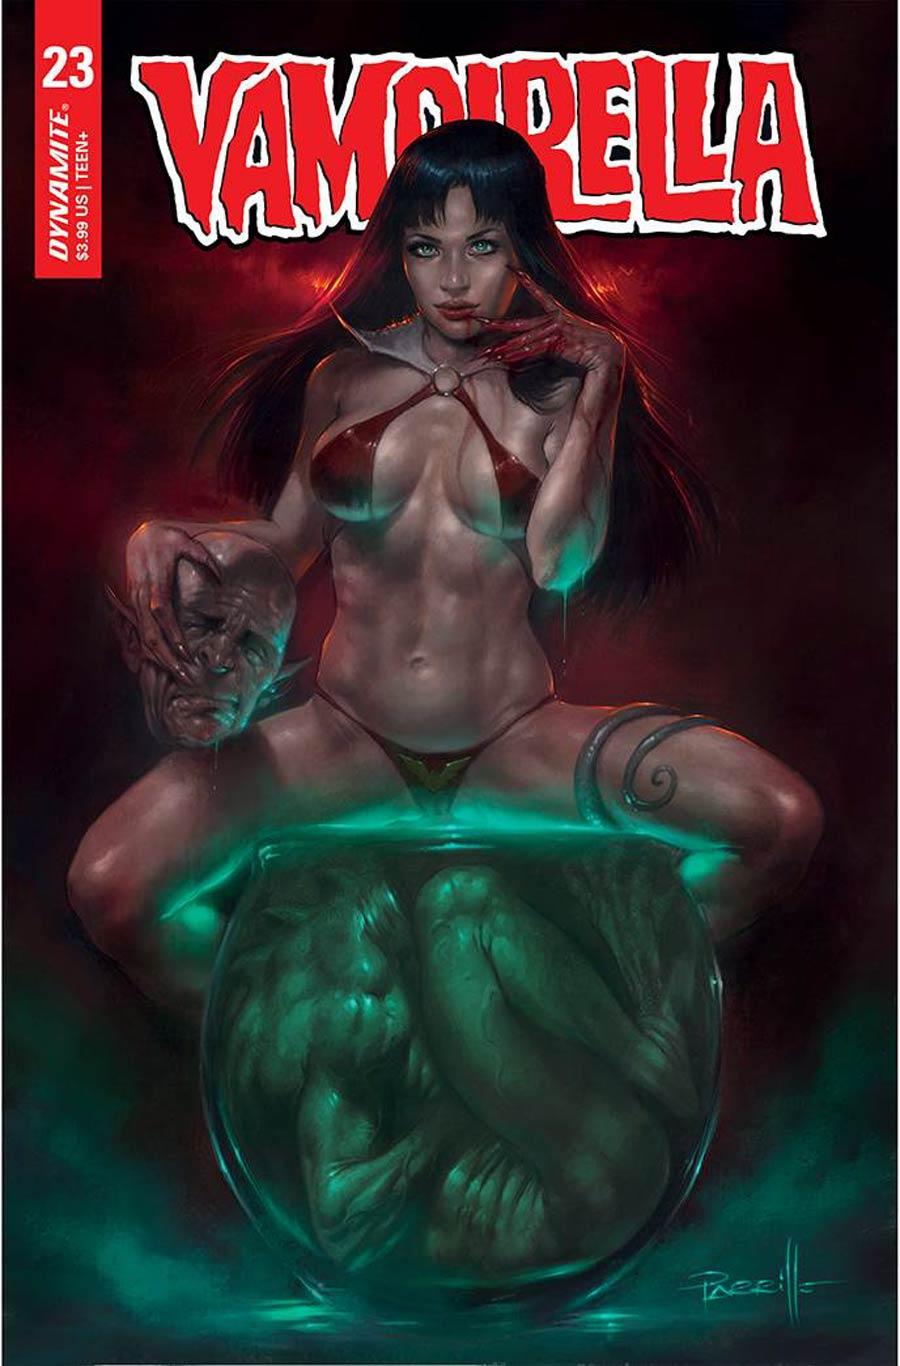 Vampirella Vol 8 #23 Cover A Regular Lucio Parrillo Cover